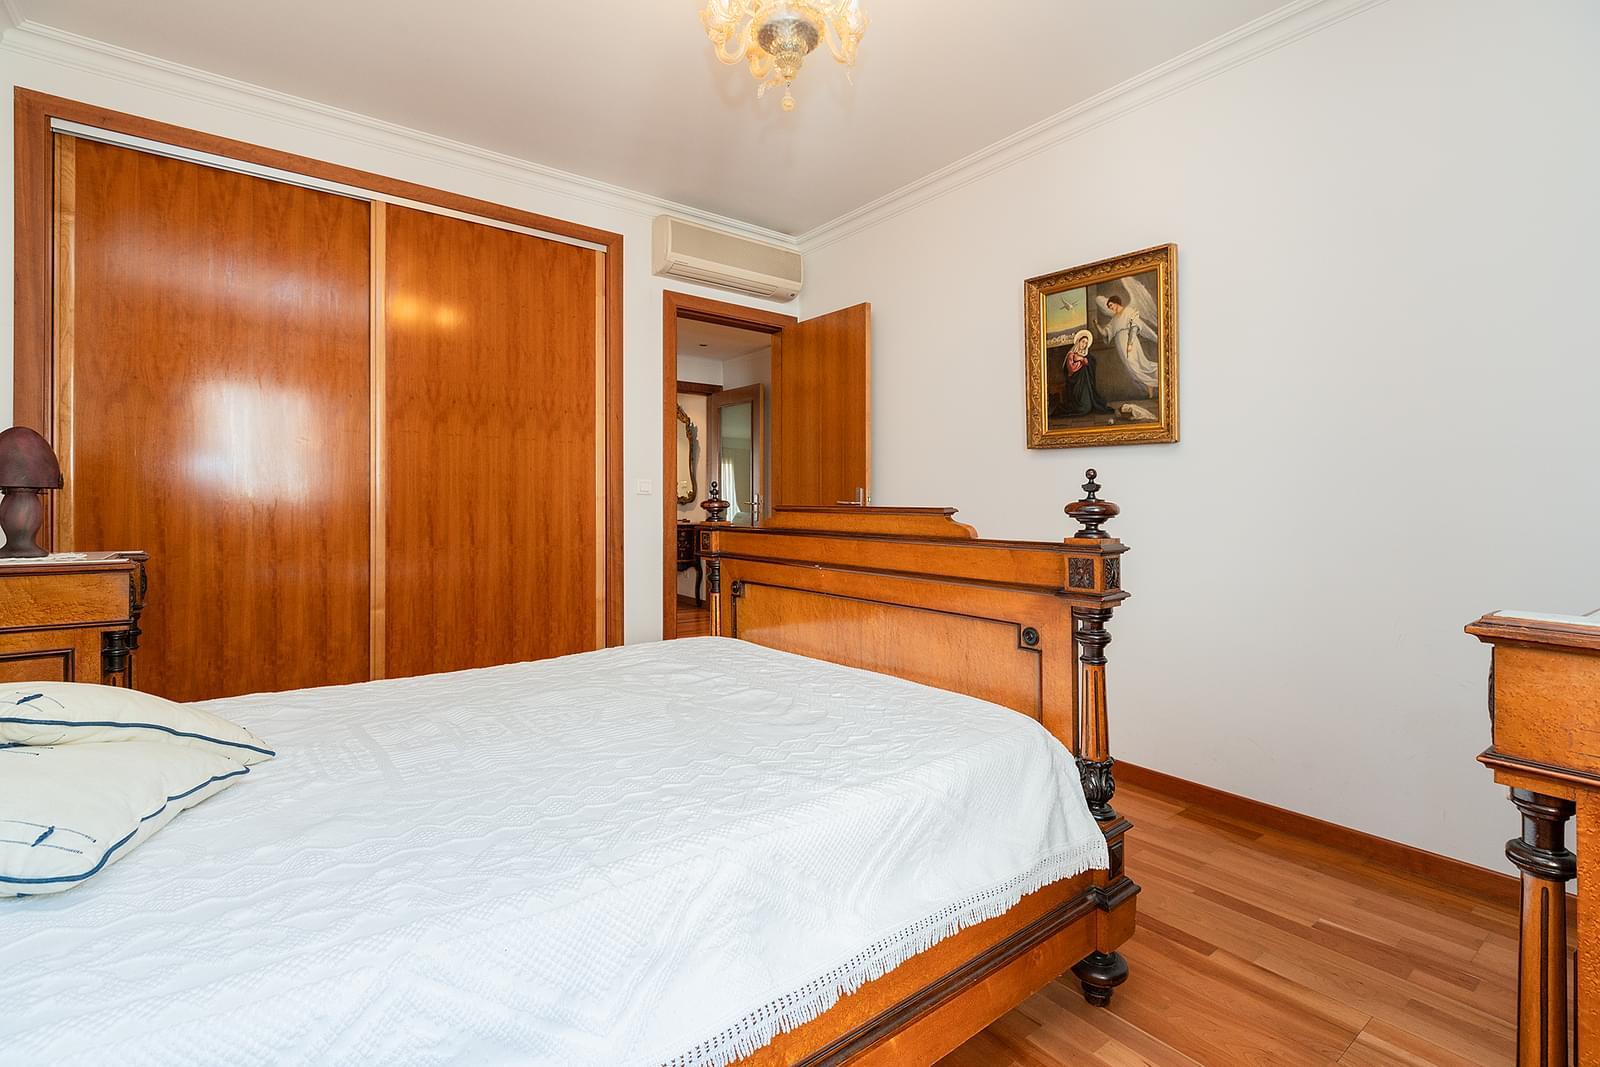 pf18049-apartamento-t3-lisboa-bfd60950-3768-4855-b492-16176bb817d5